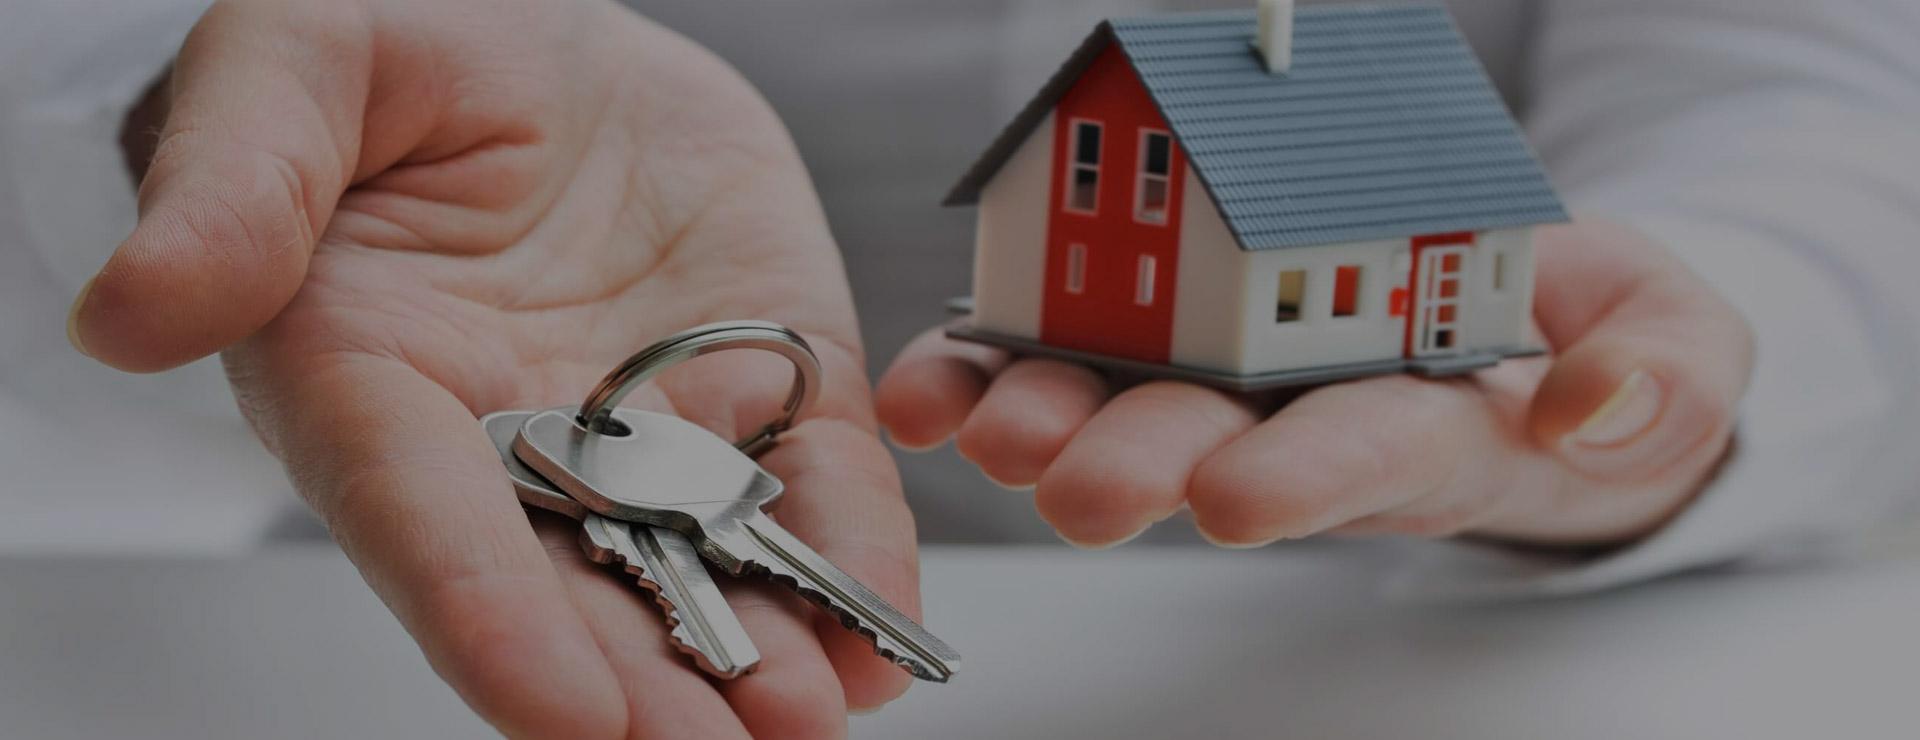 servizi-abitare-amministrazione-gestione-condomini-latina-header-acquisto-casa-2